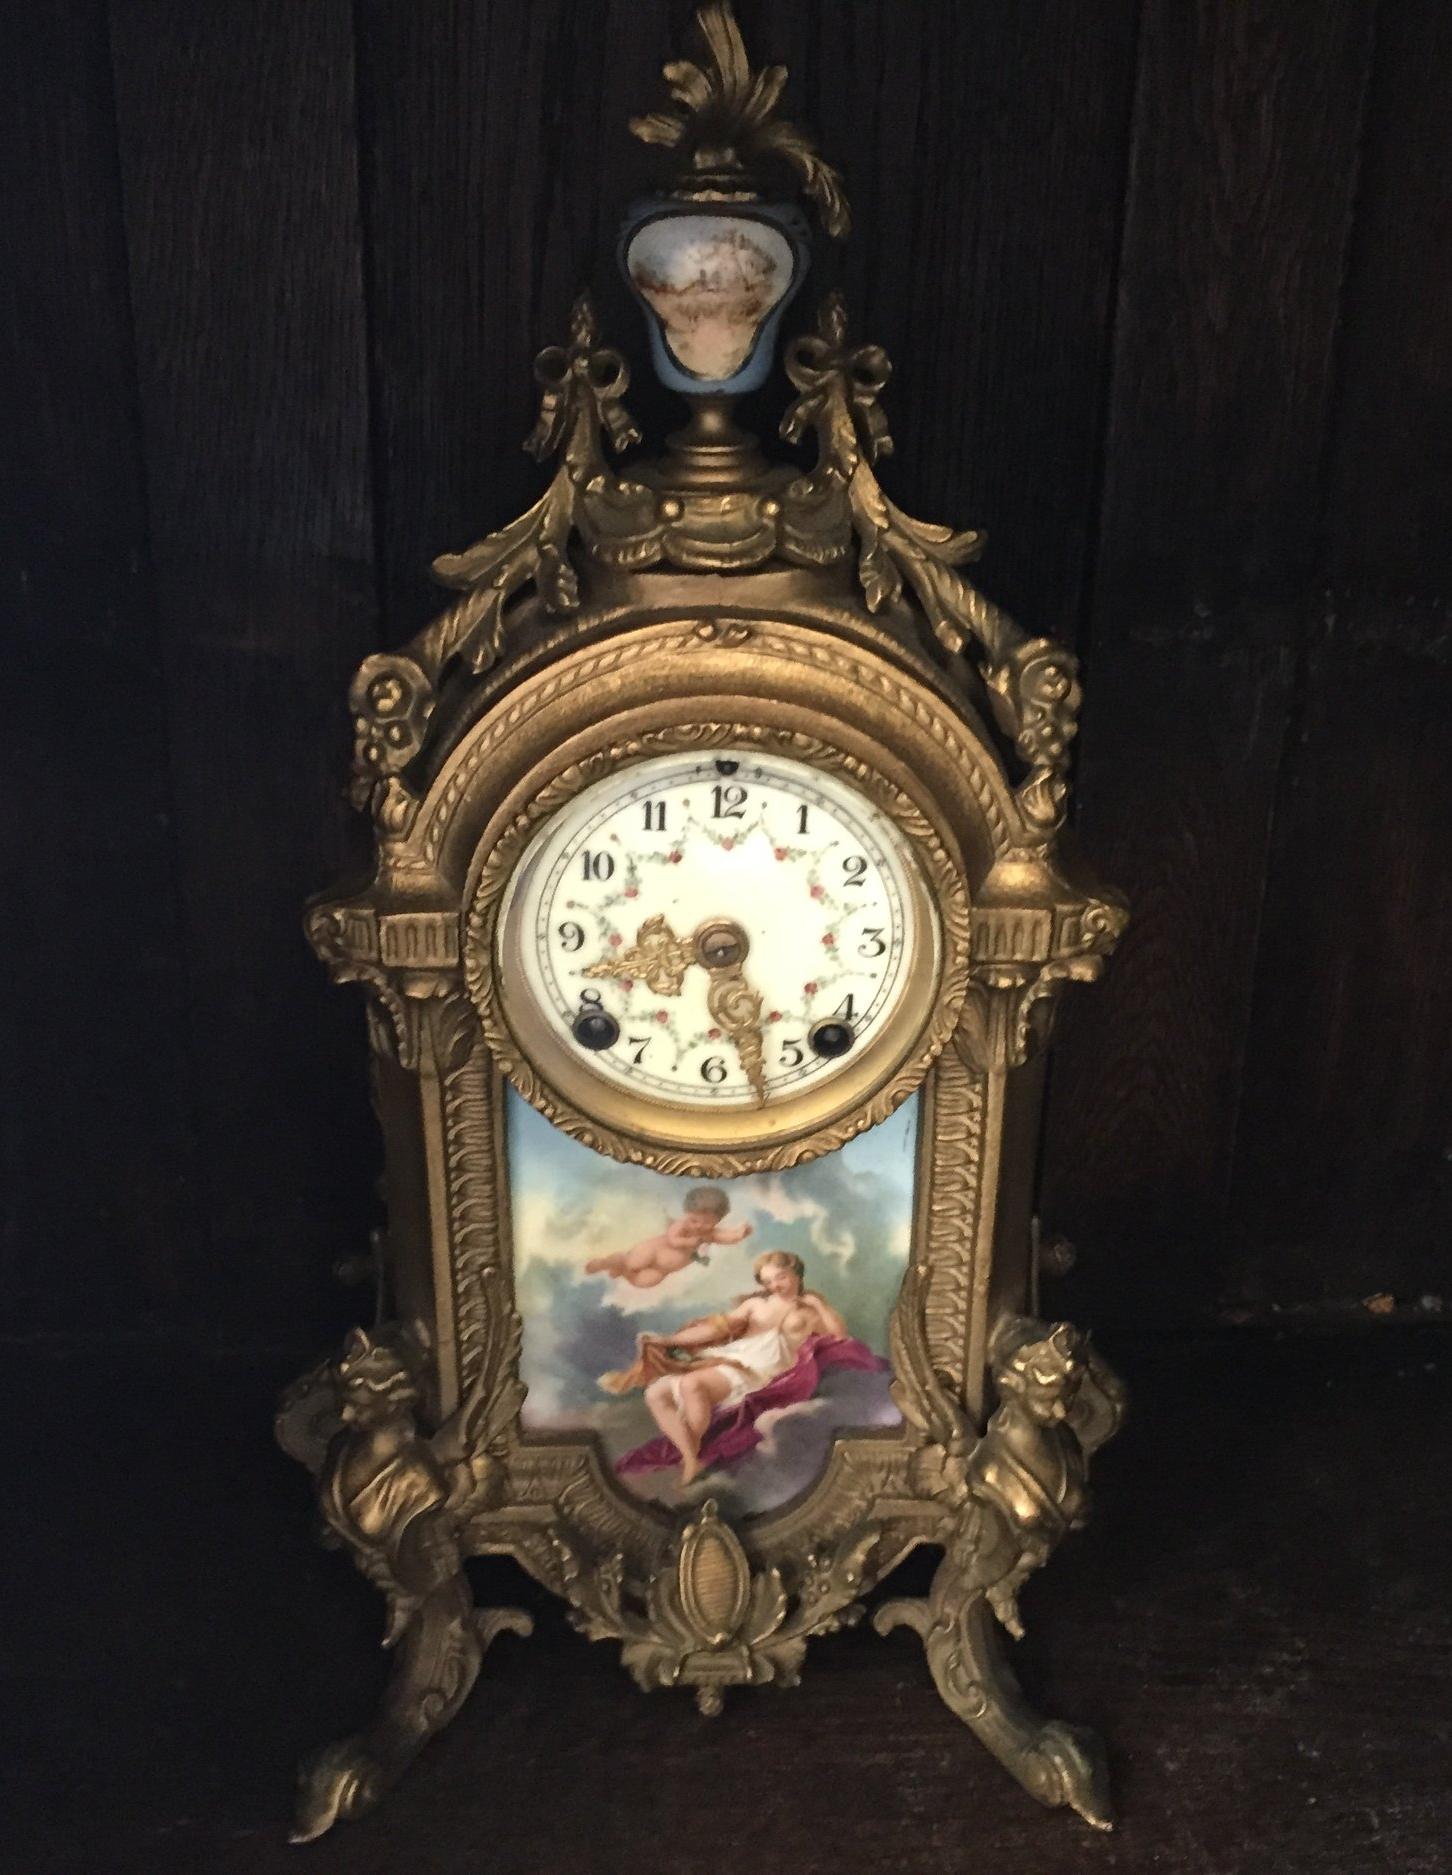 antiques collectibles buyers antique appraisals coins estate